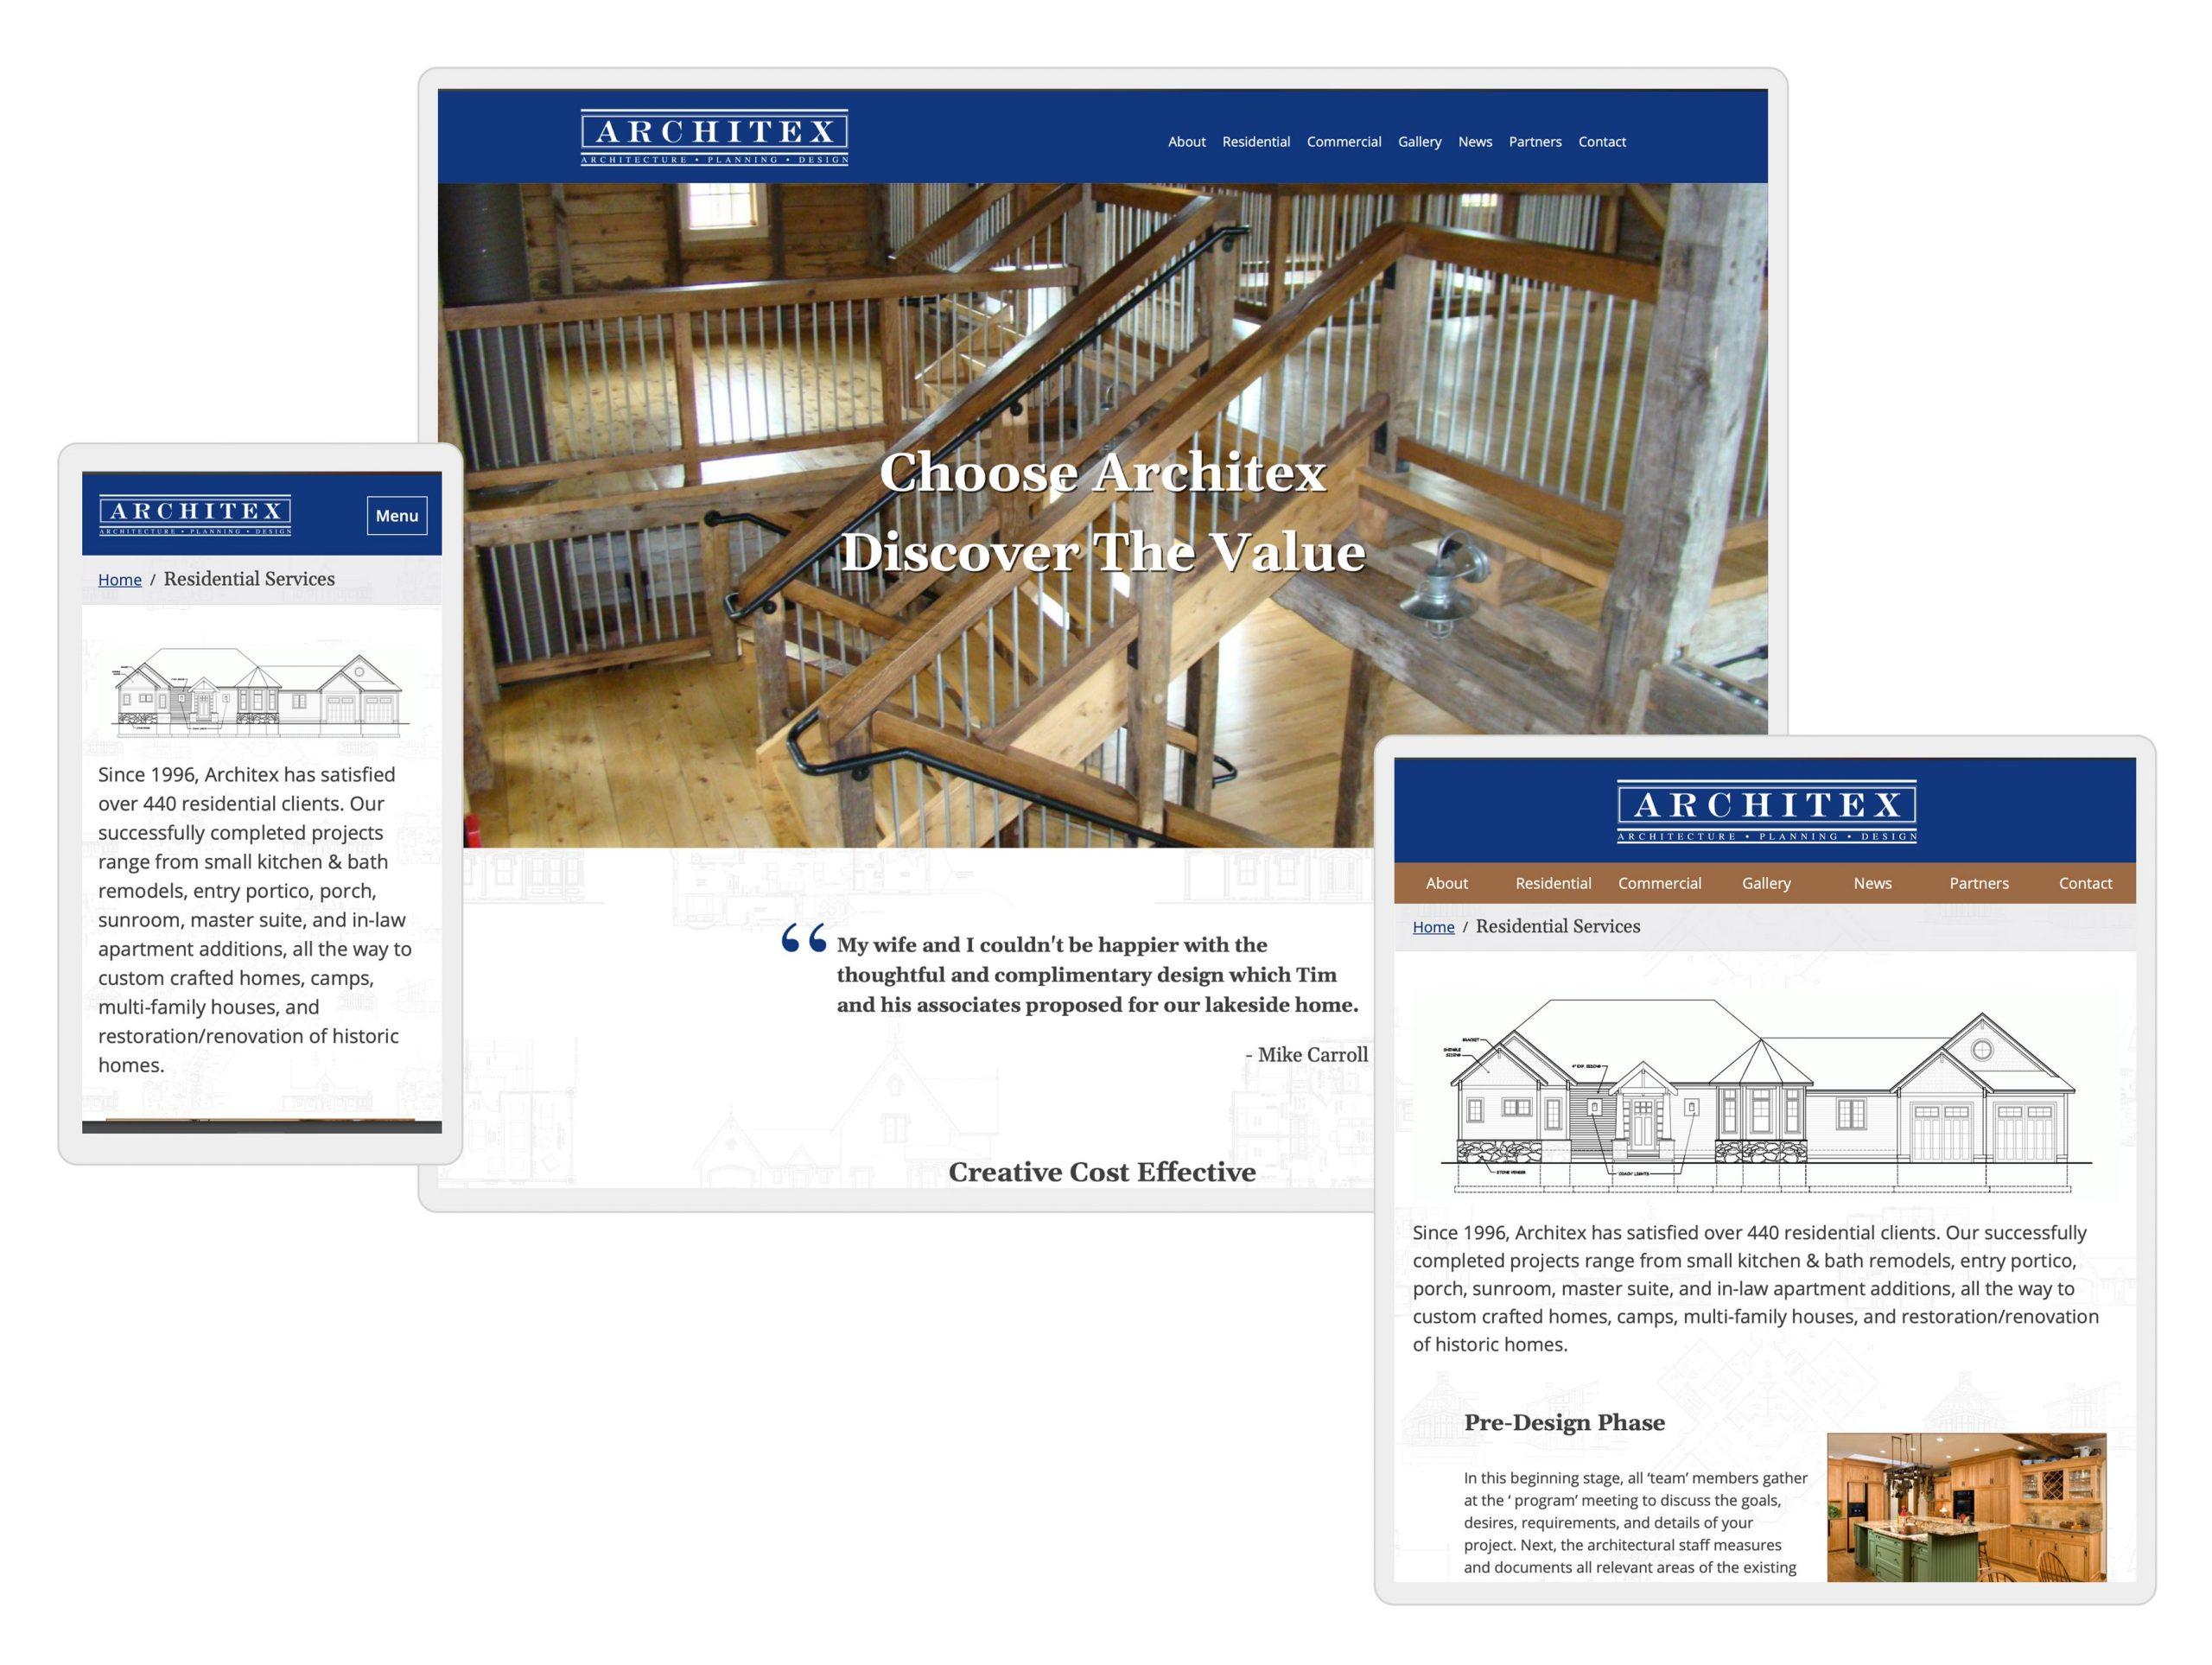 latham ny architect web design by mike hosier